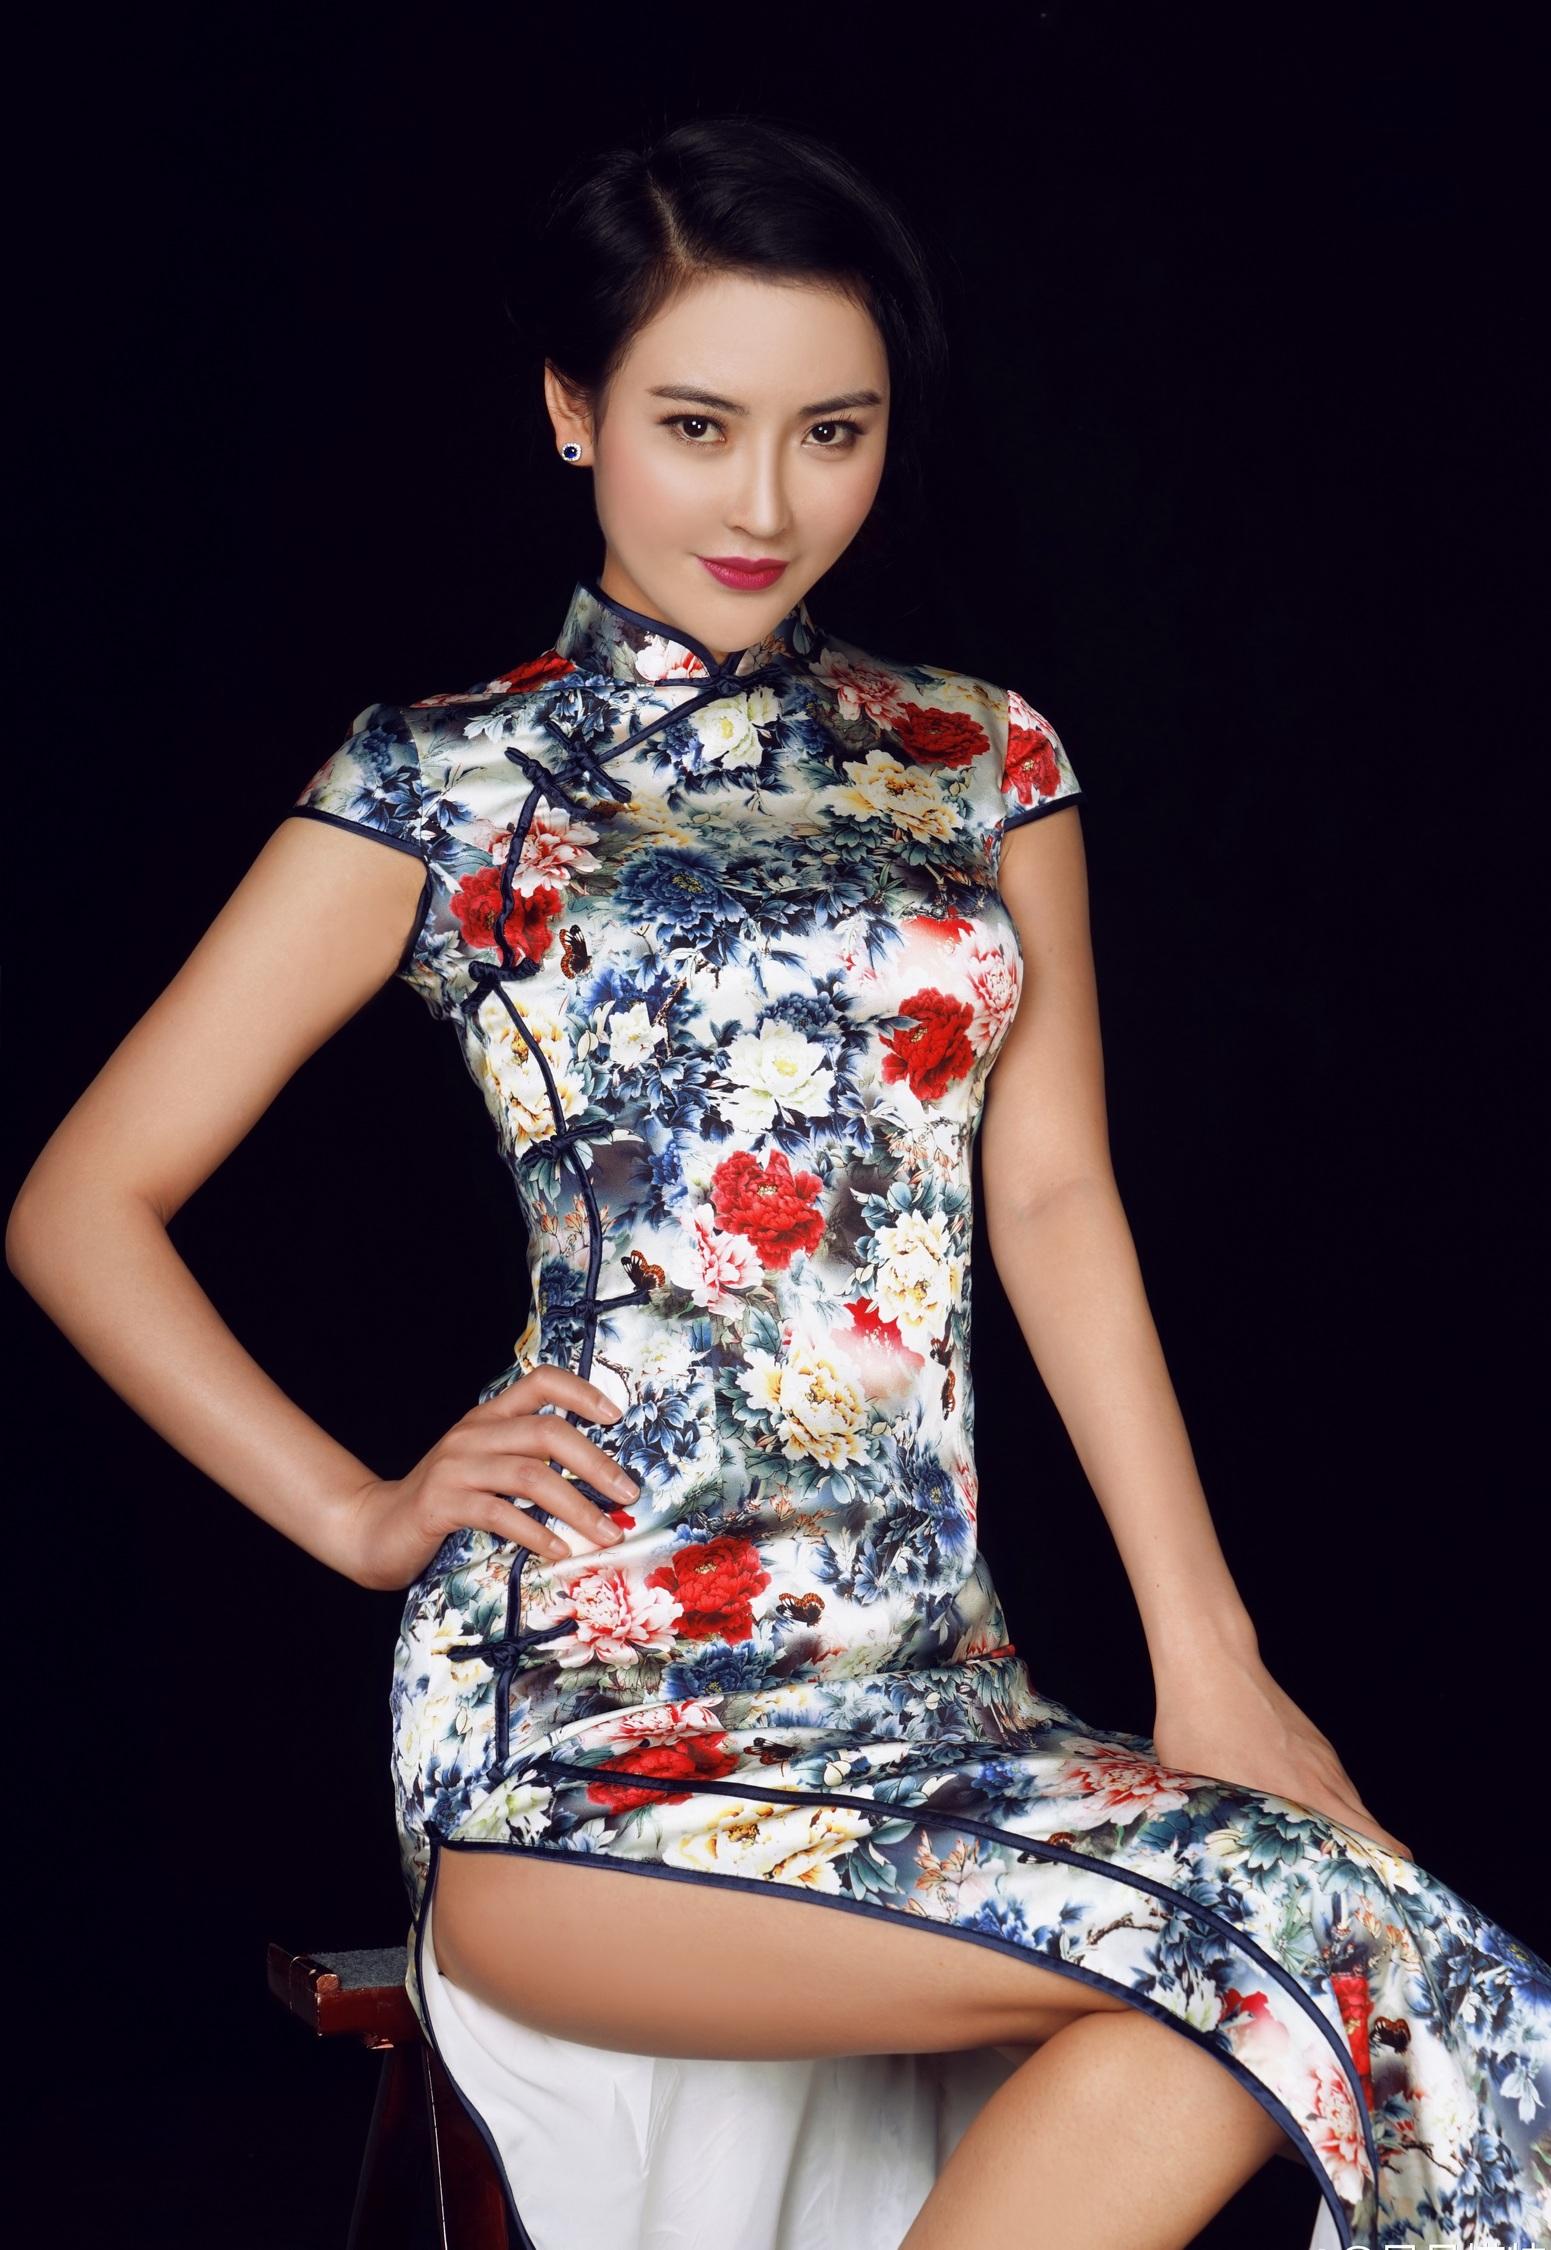 旗袍美女  身形优美 - 花開有聲 - 花開有聲